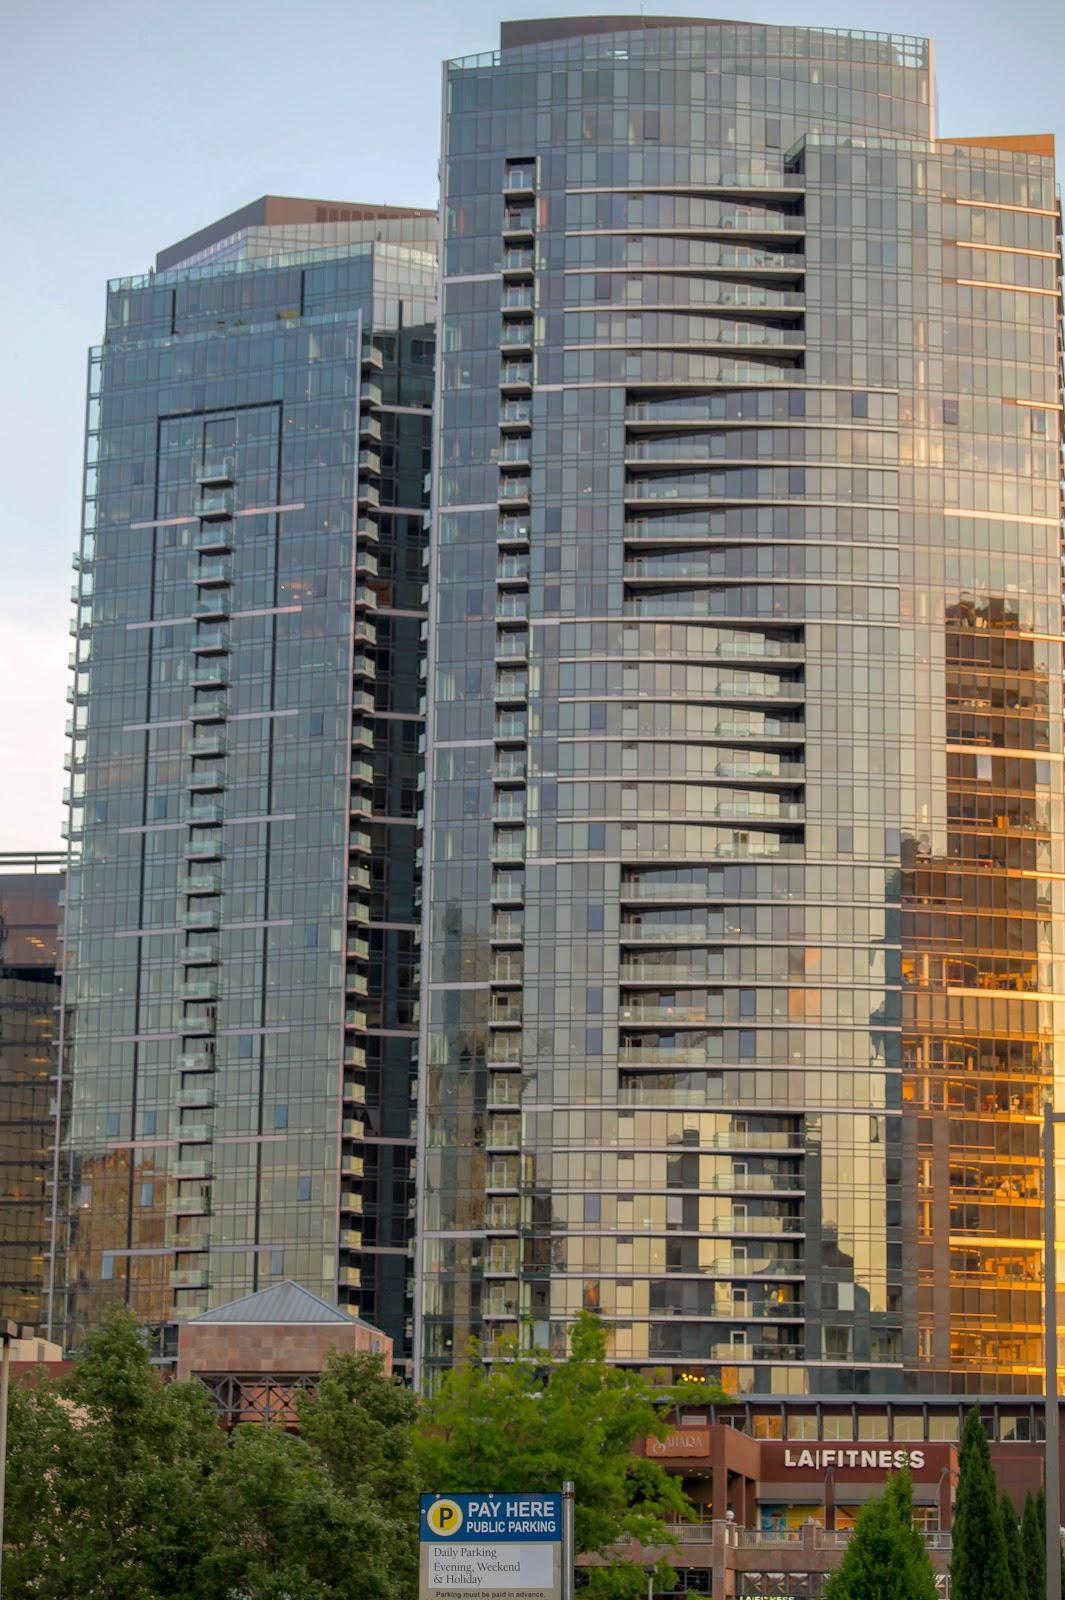 Стеклянные здания окрашиваются в невероятные краски лучами стремящегося к закату солнца.